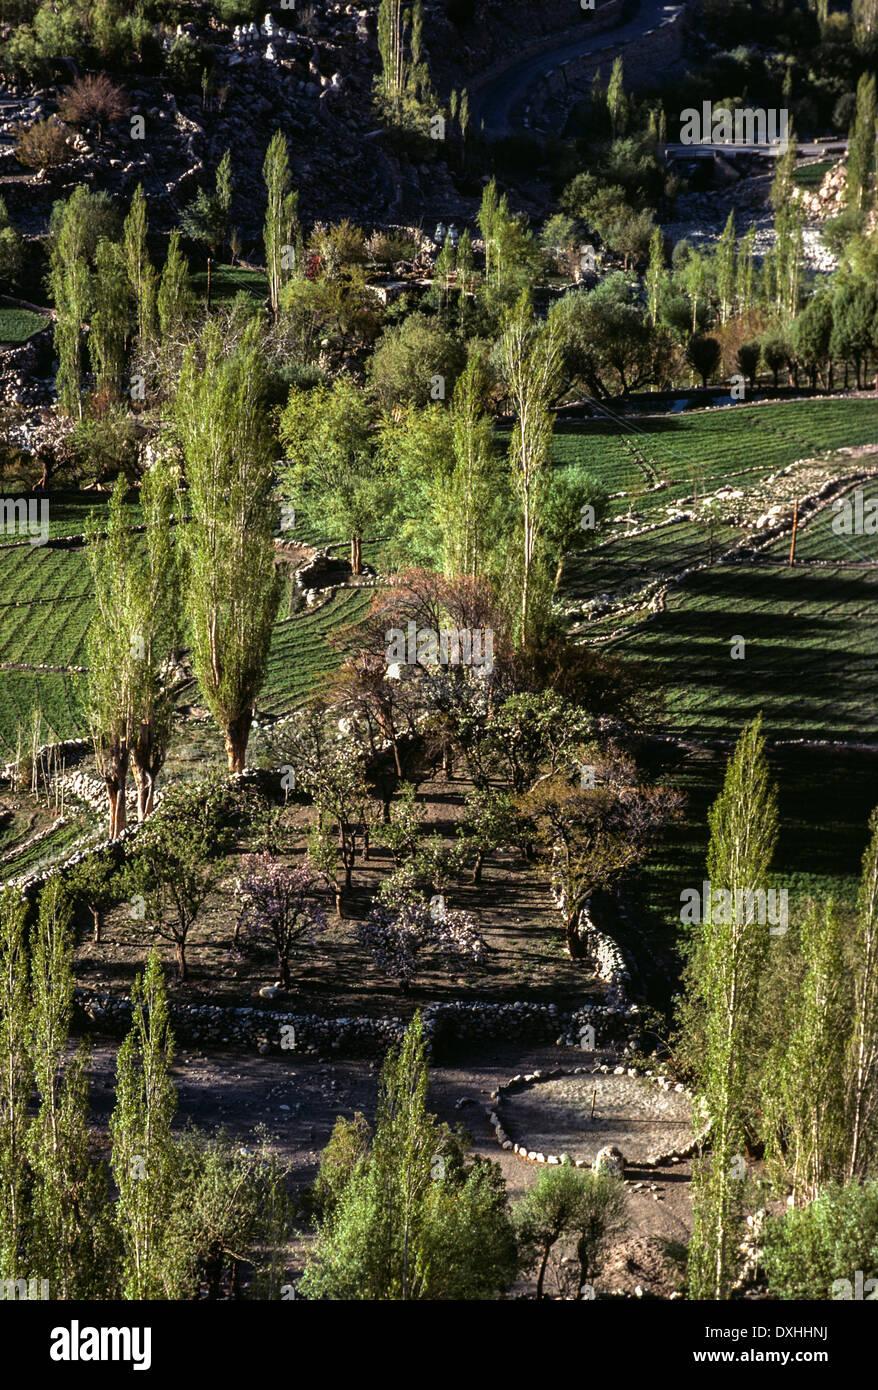 Ladakh Primavera Exuberantes árboles Verdes Campos De Cebada